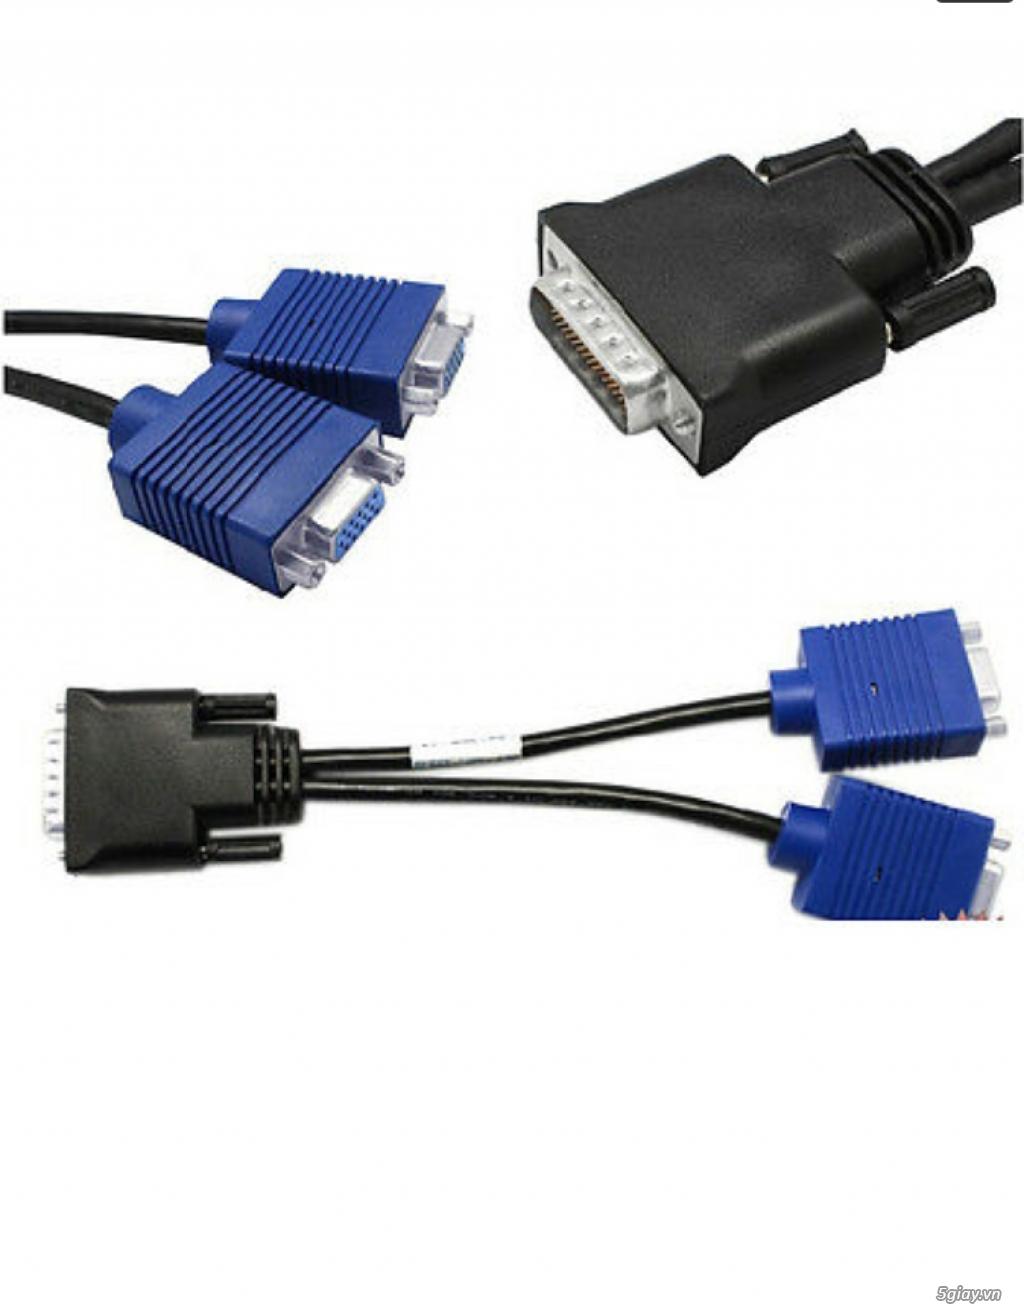 Sạc, cáp VGA, adapter + đồ linh tinh ..... - 15